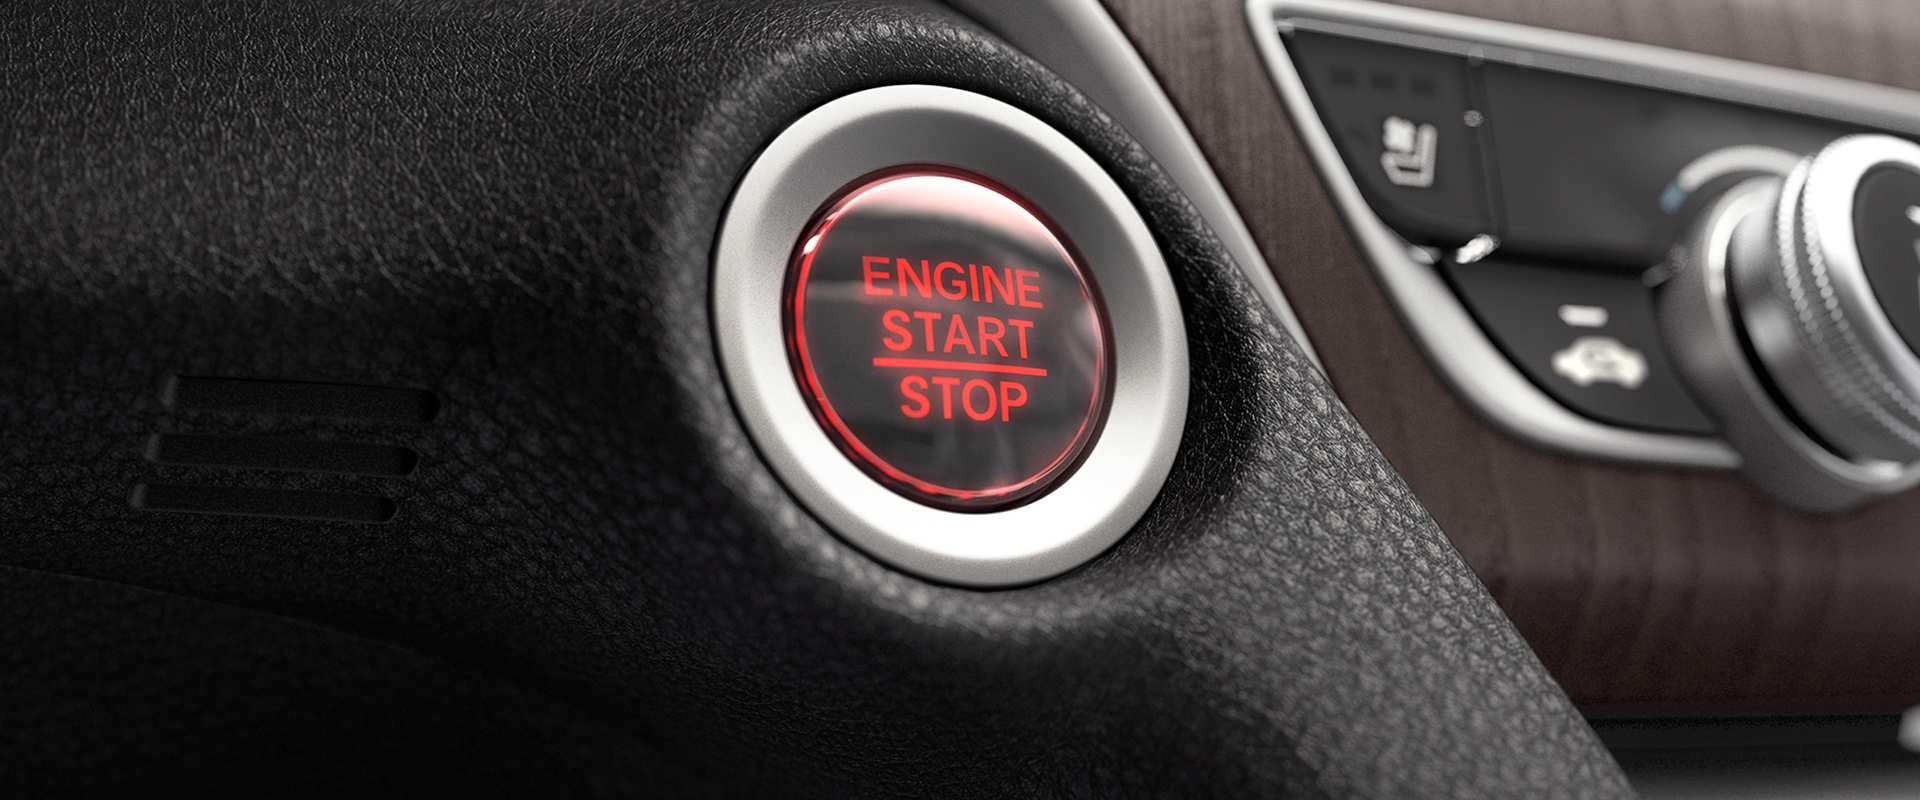 Botão de partida do motor Start_Stop